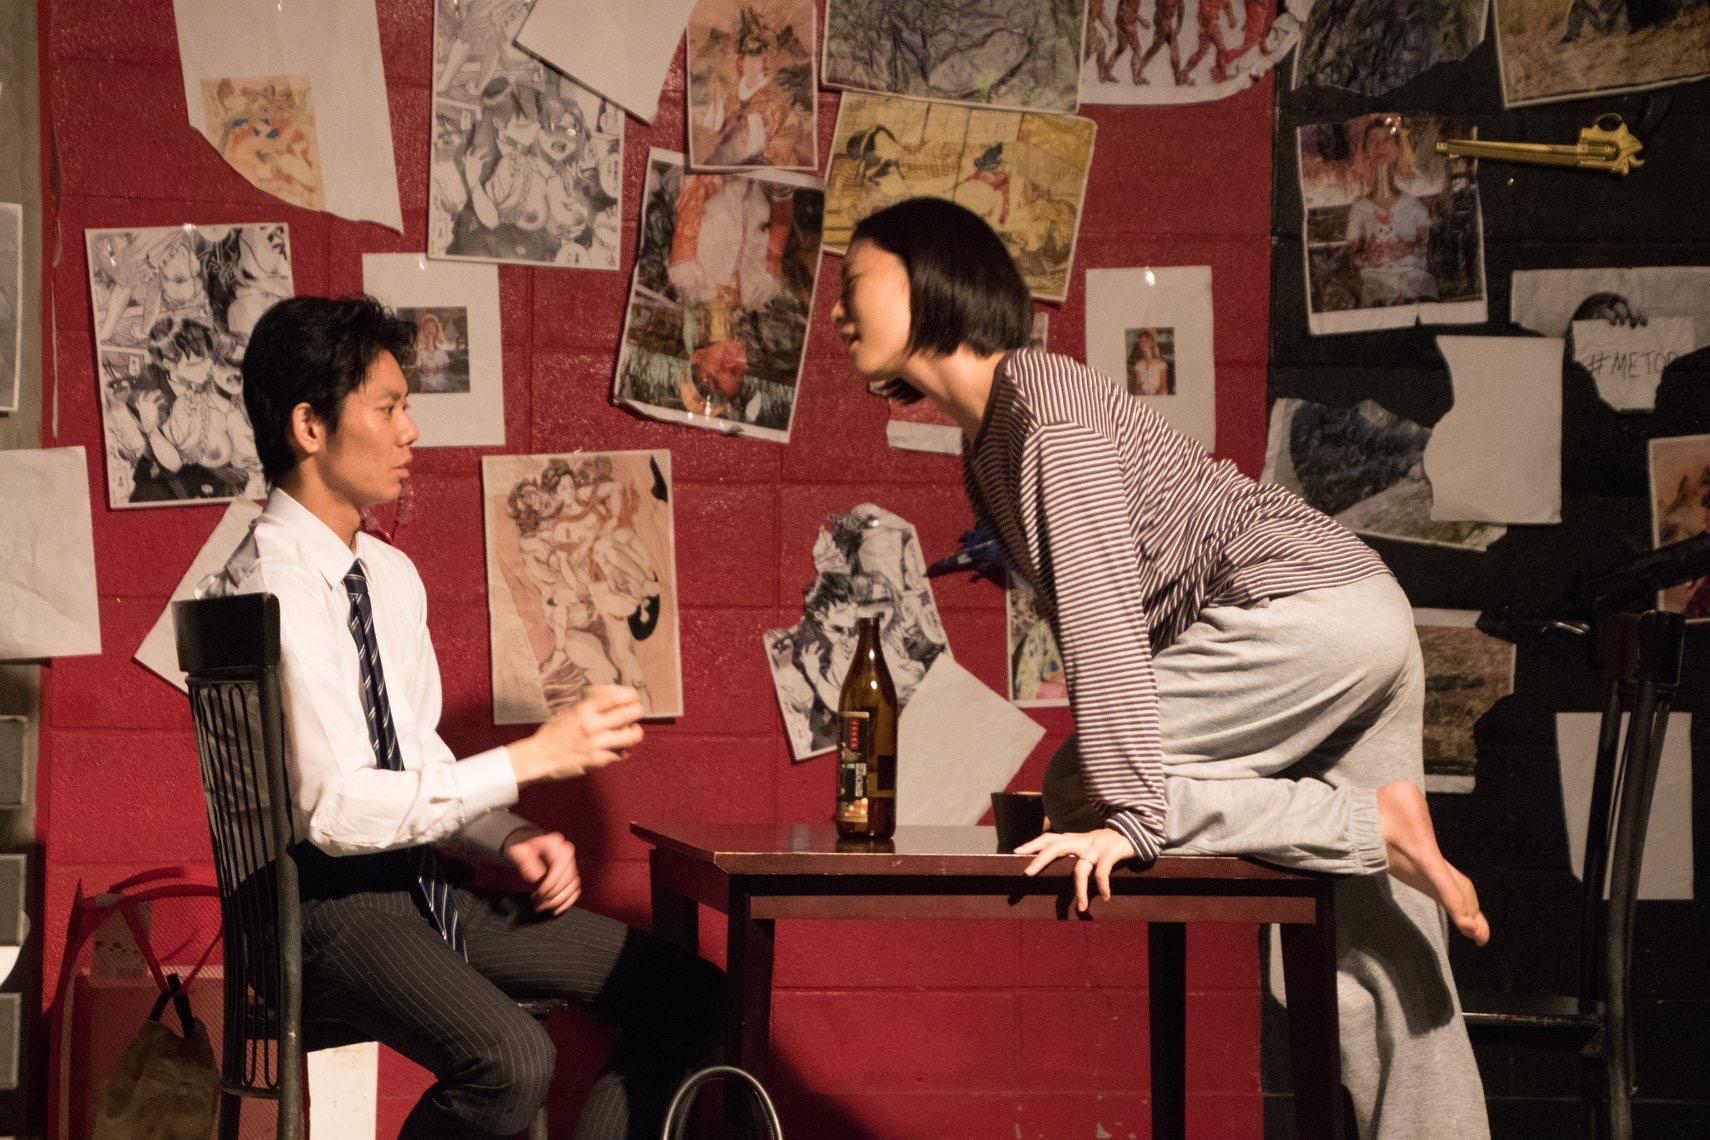 オーディション 10月公演「いのち短し、恋せよ男女(おとめ)」出演者オーディション 演技をとことん追求できる現場を作りたいという思いから企画しました 主催:プロジェクトアクト東京、カテゴリ:舞台